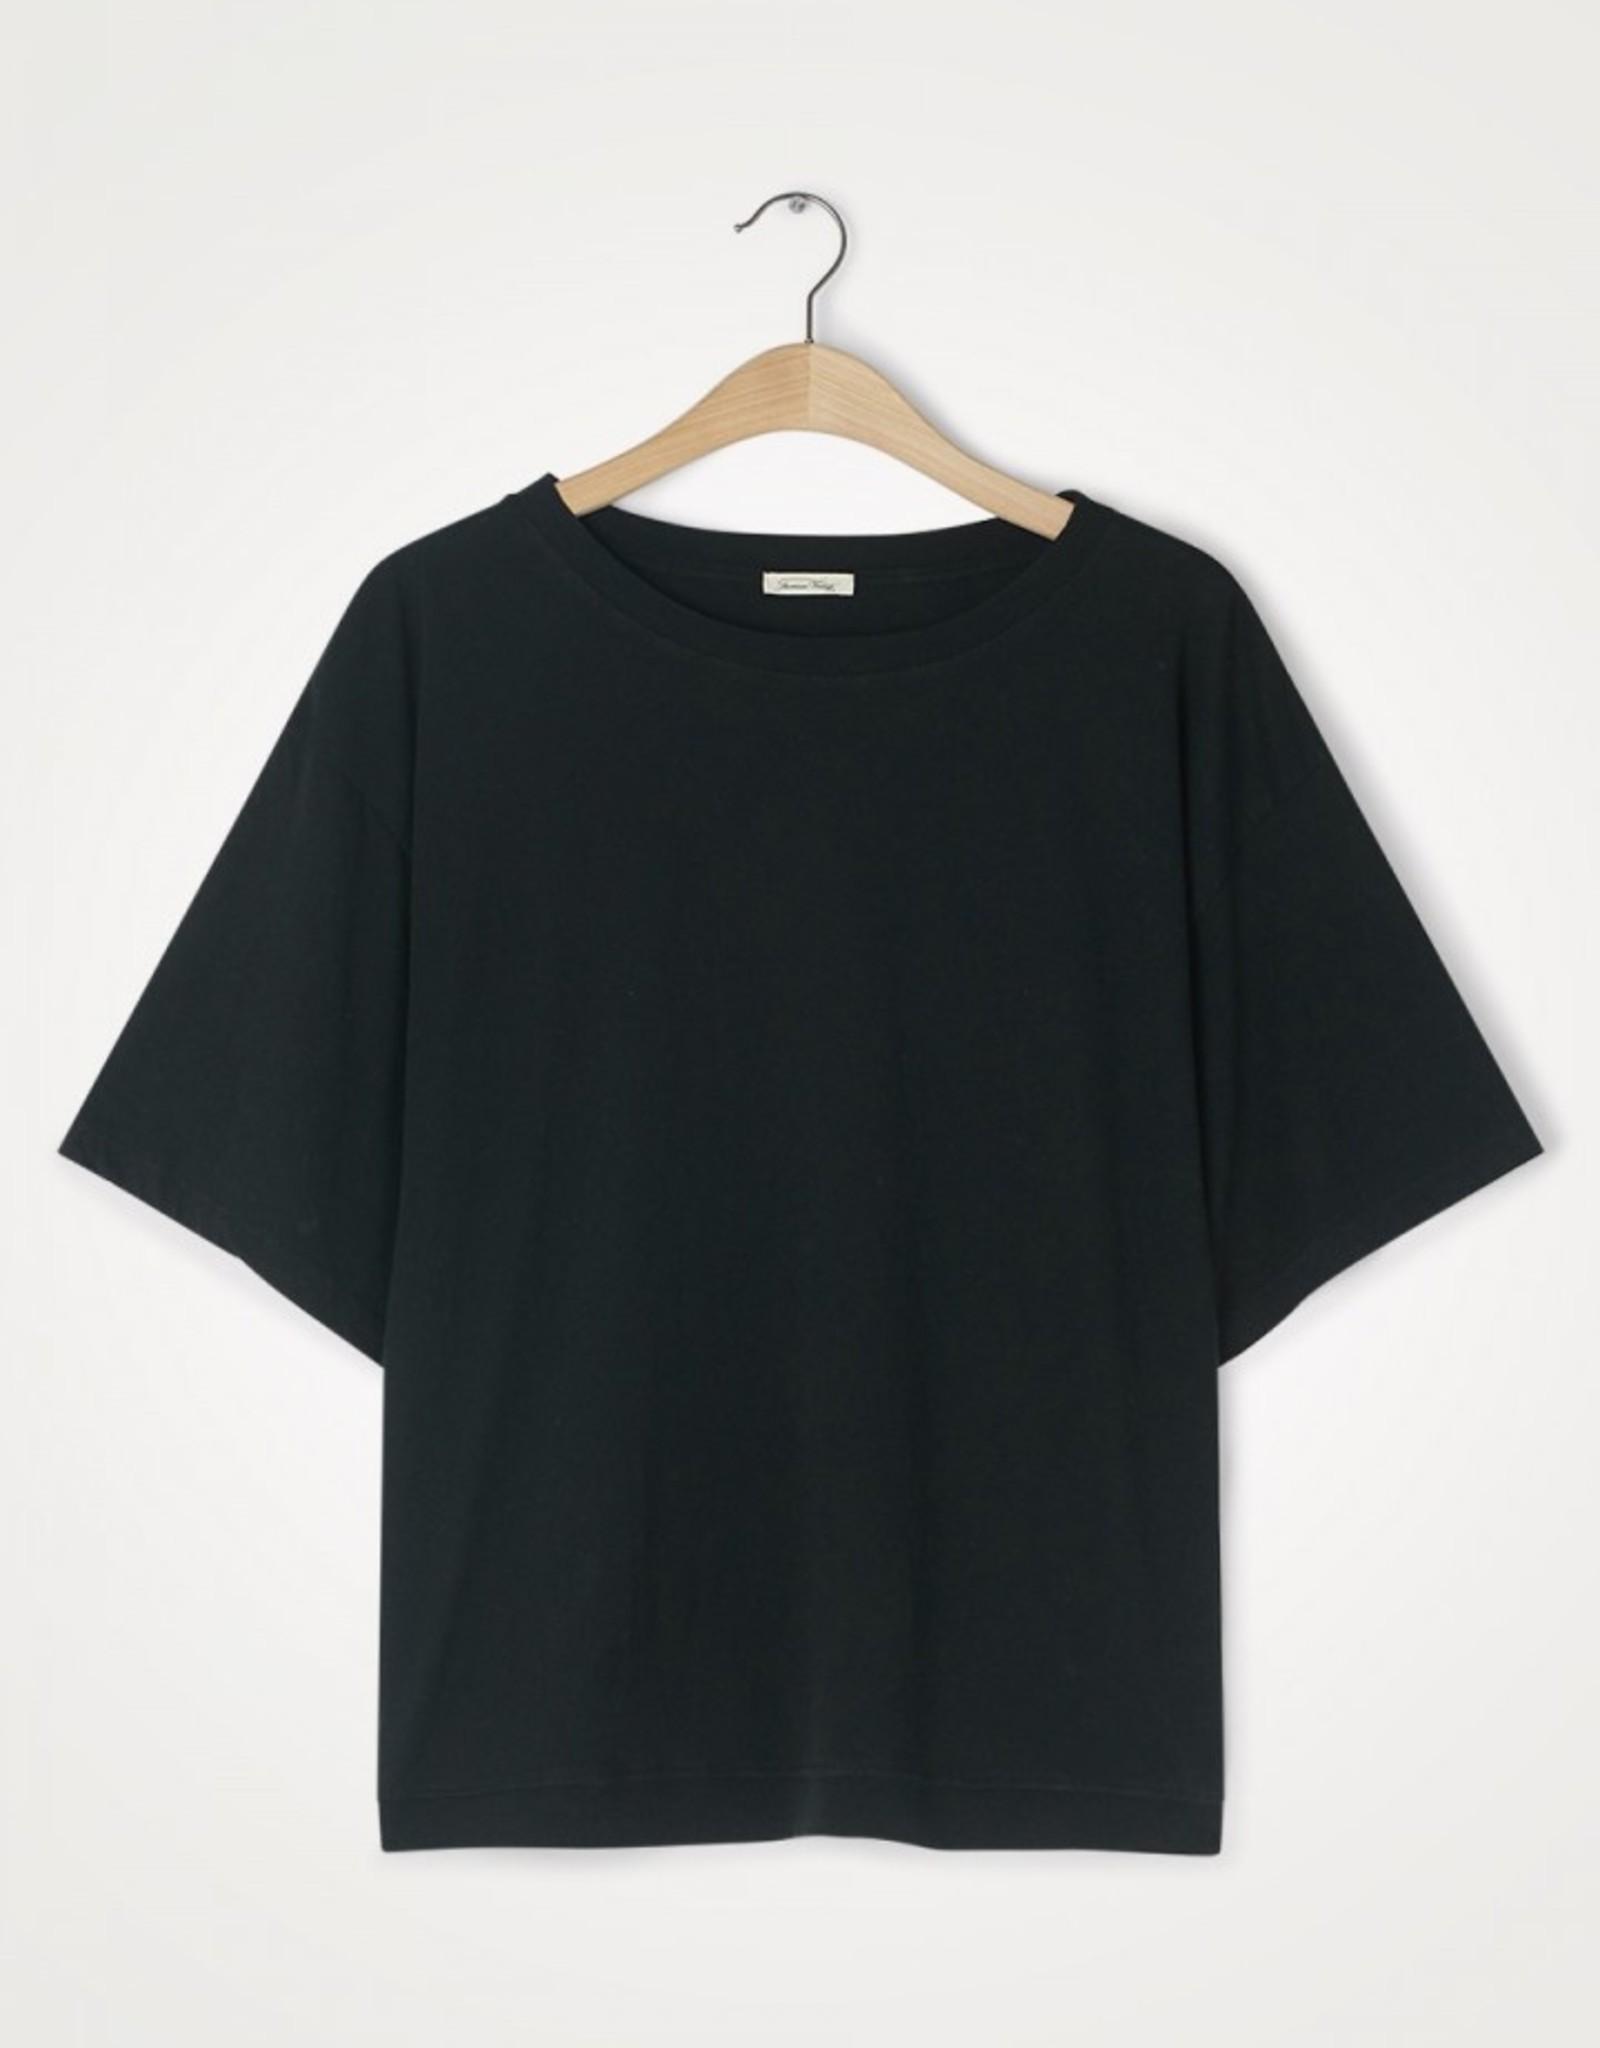 T-shirt Fakobay - Vintage Black